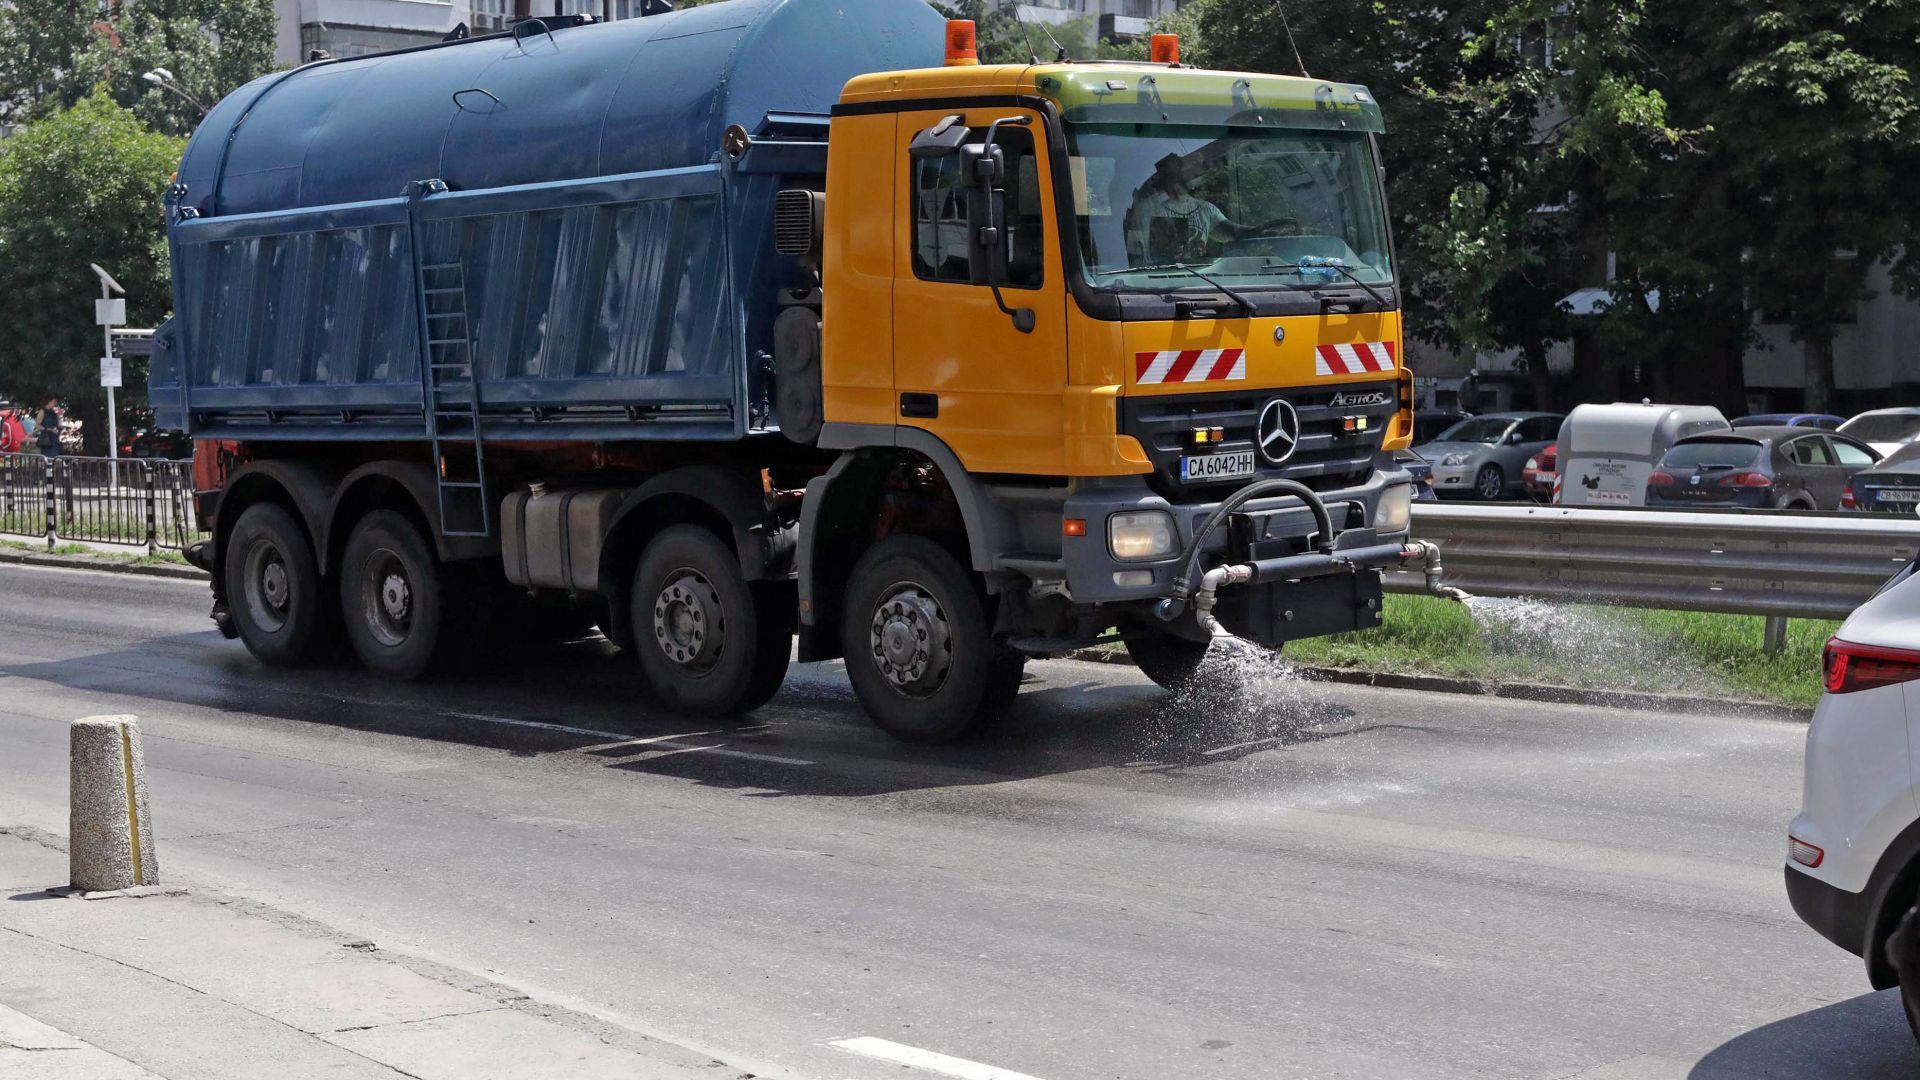 Опасни жеги: цистерни охлаждат столичните булеварди, раздават вода